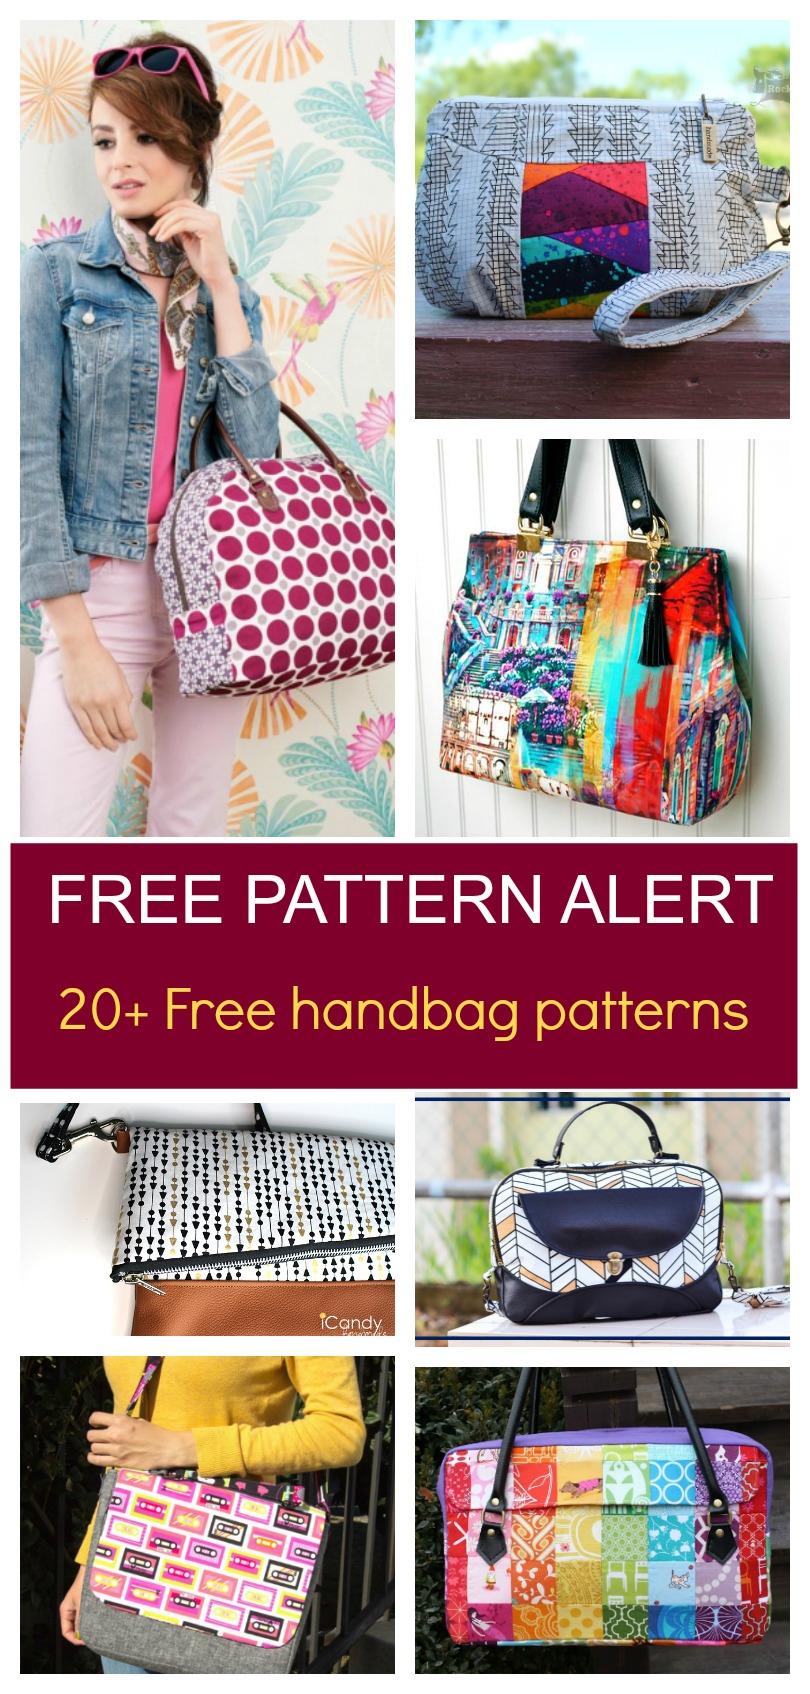 Free Pattern Alert: 20+ Handbag Sewing Patterns   On The Cutting - Handbag Patterns Free Printable